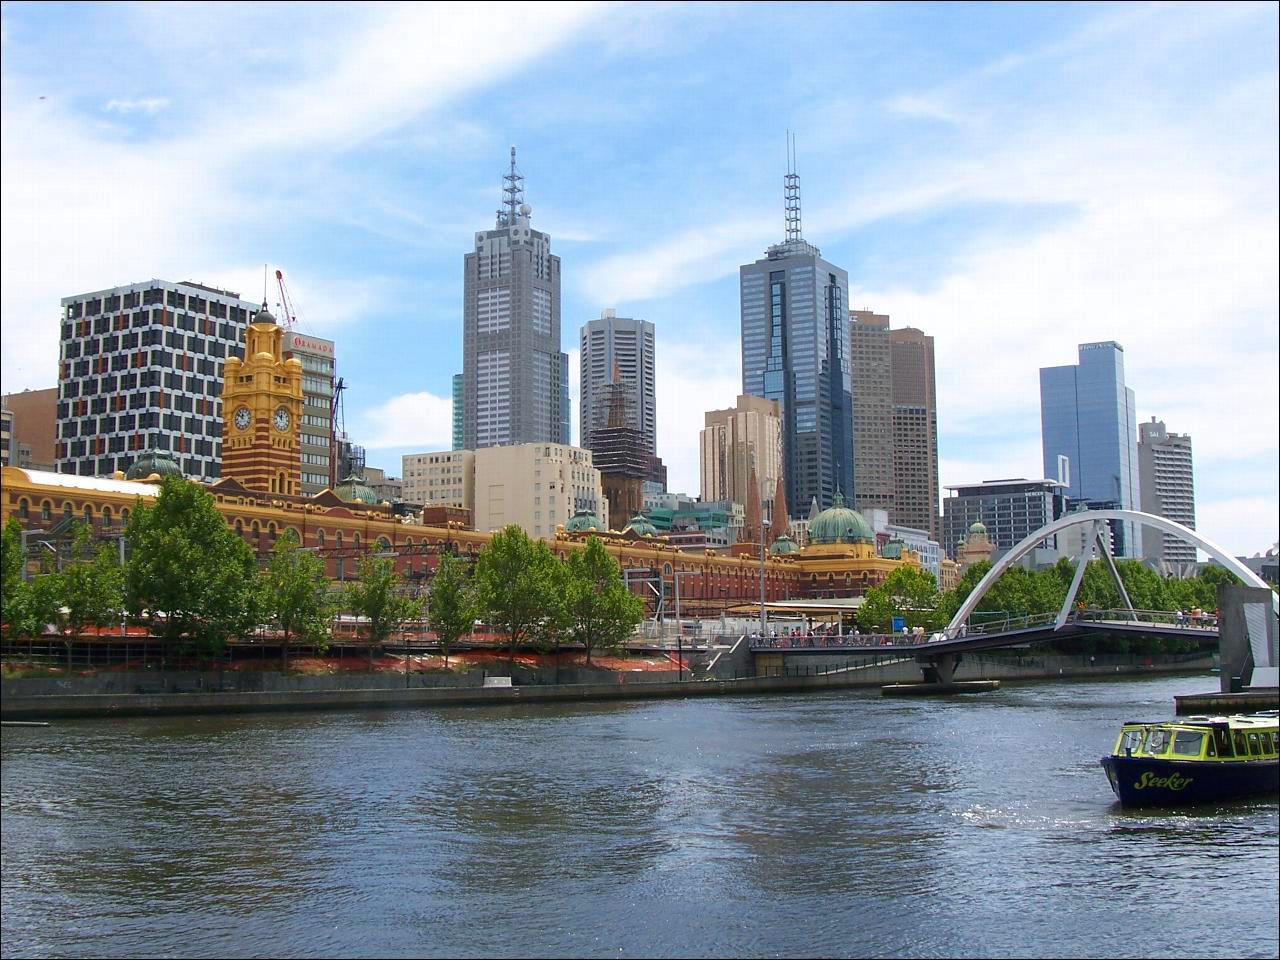 Melbourne 2030 - Wikipedia